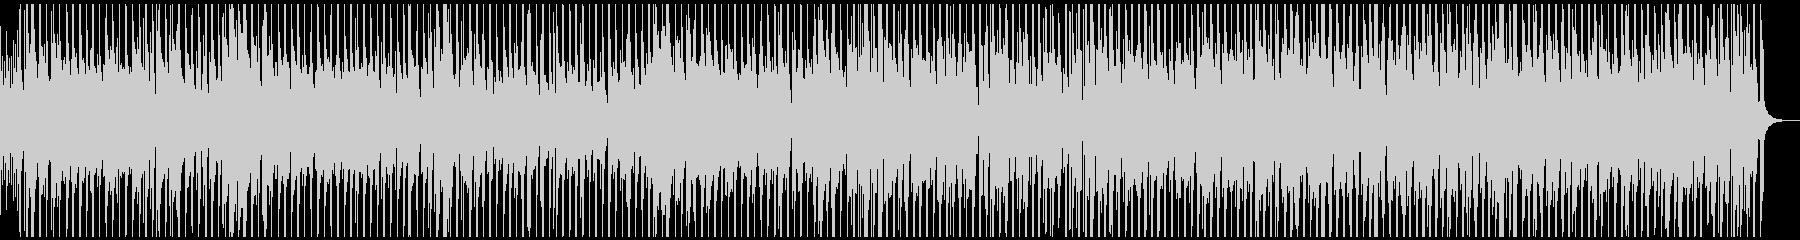 グロッケンとウクレレの楽しいシャッフルの未再生の波形